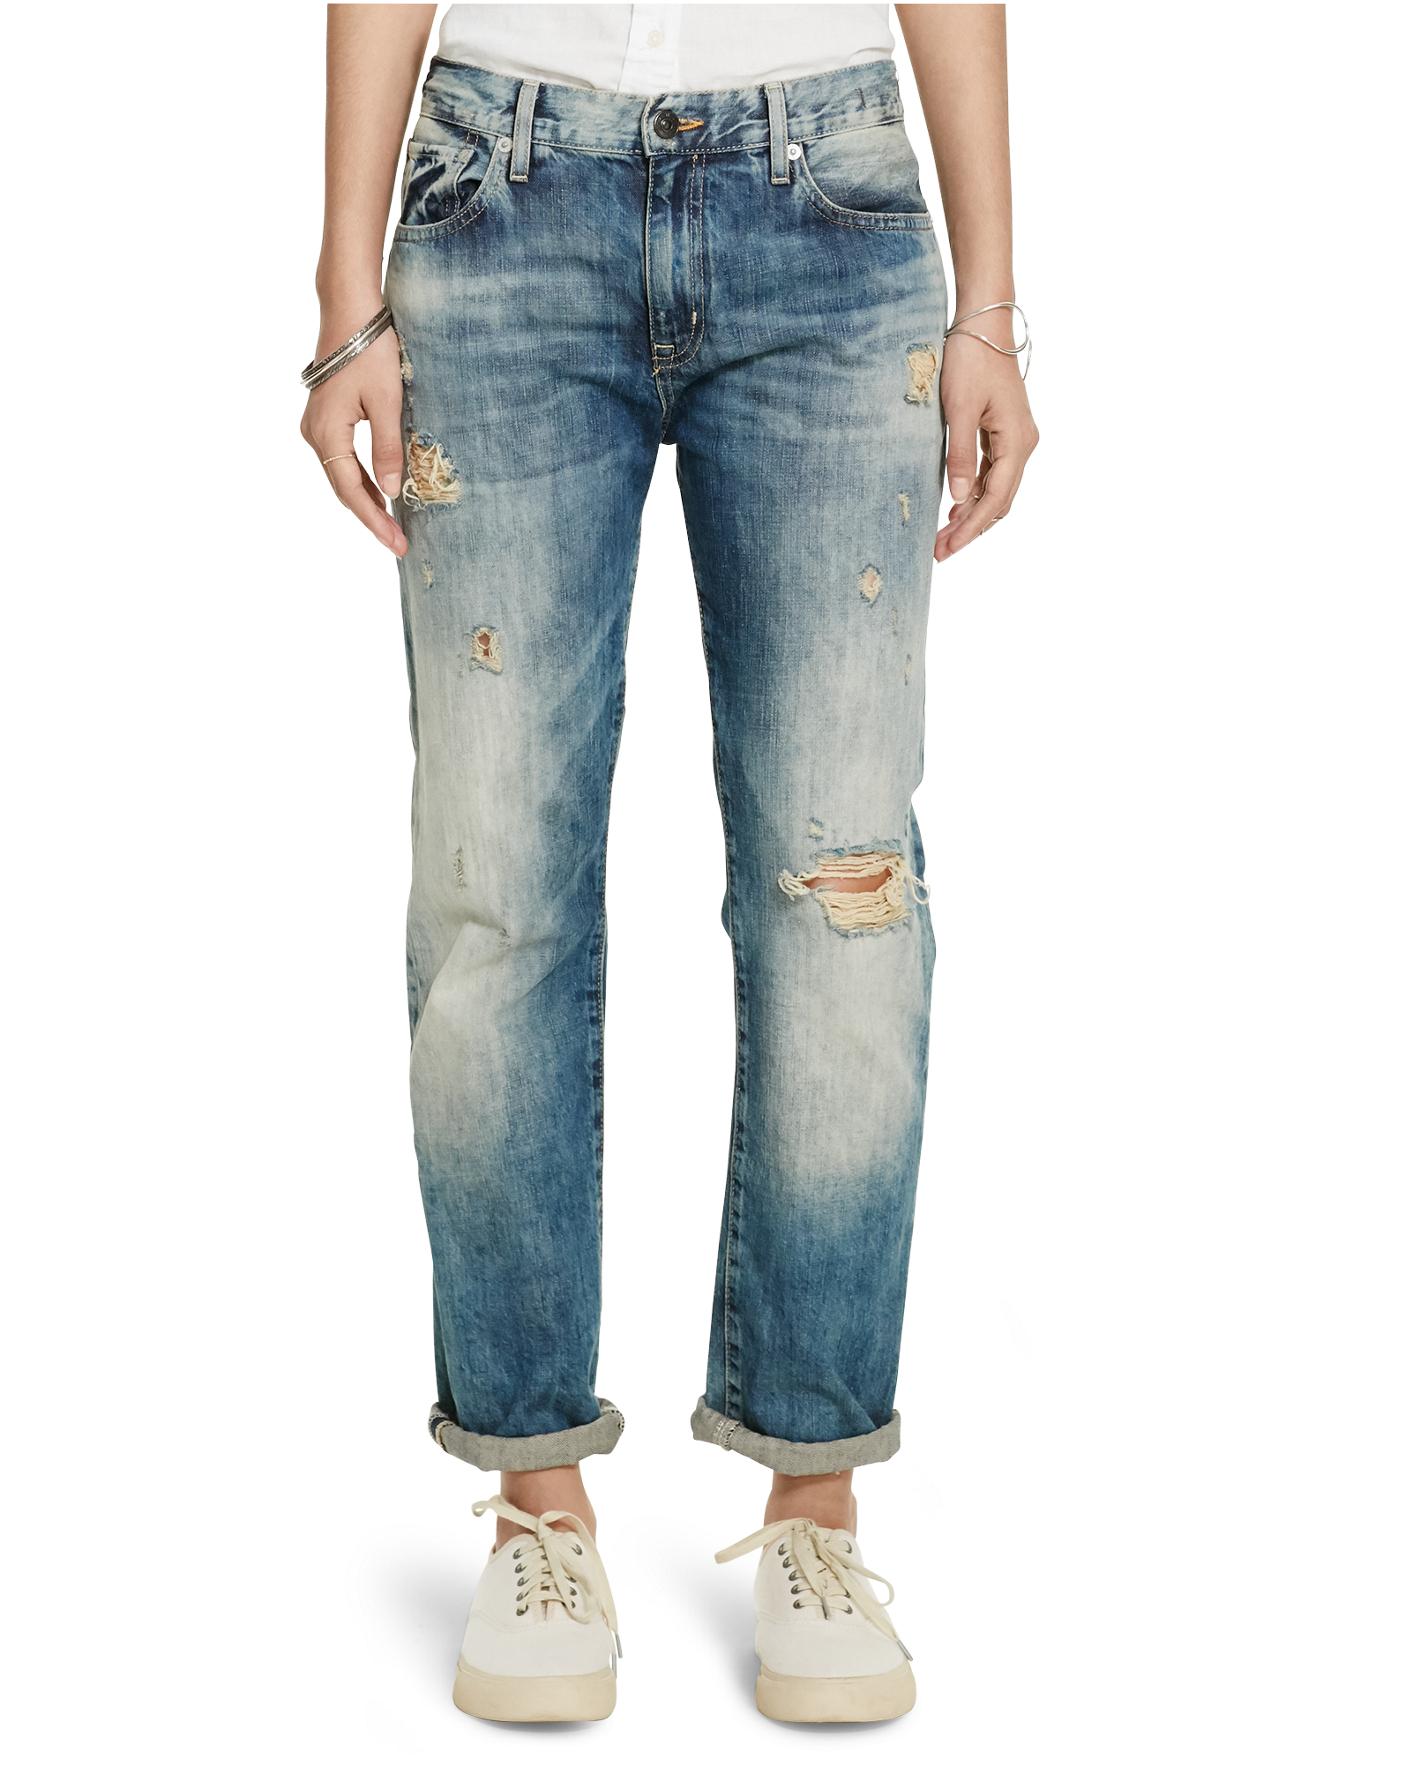 73640f294cf ralph lauren bukser kvinder Ralph lauren kvinder bukser & jeans ...